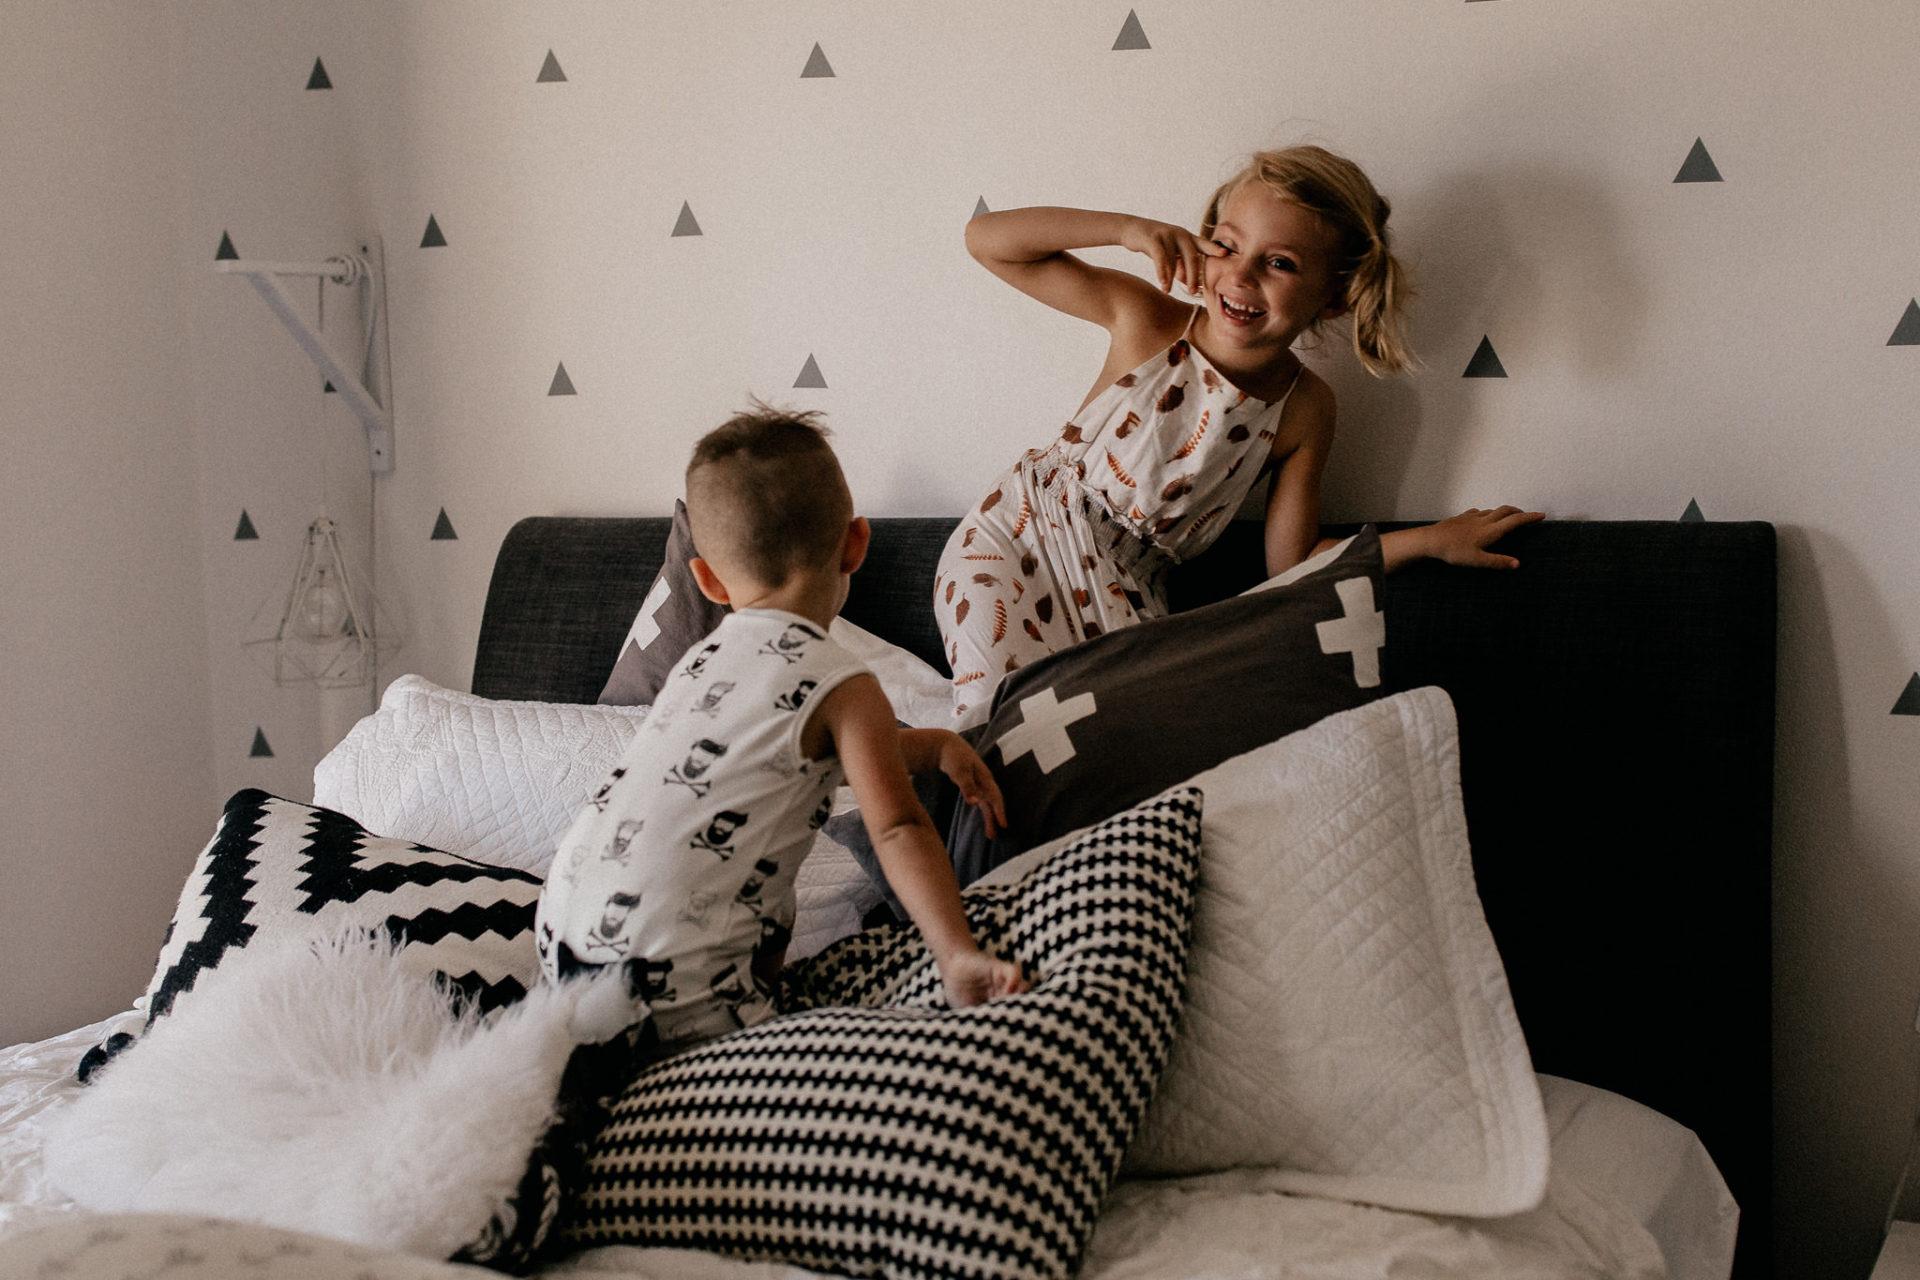 Familienfotos im Urlaub-Australien mit Kindern-Coogee Beach Ausflug-family photo session homestory-Fotograf Australien